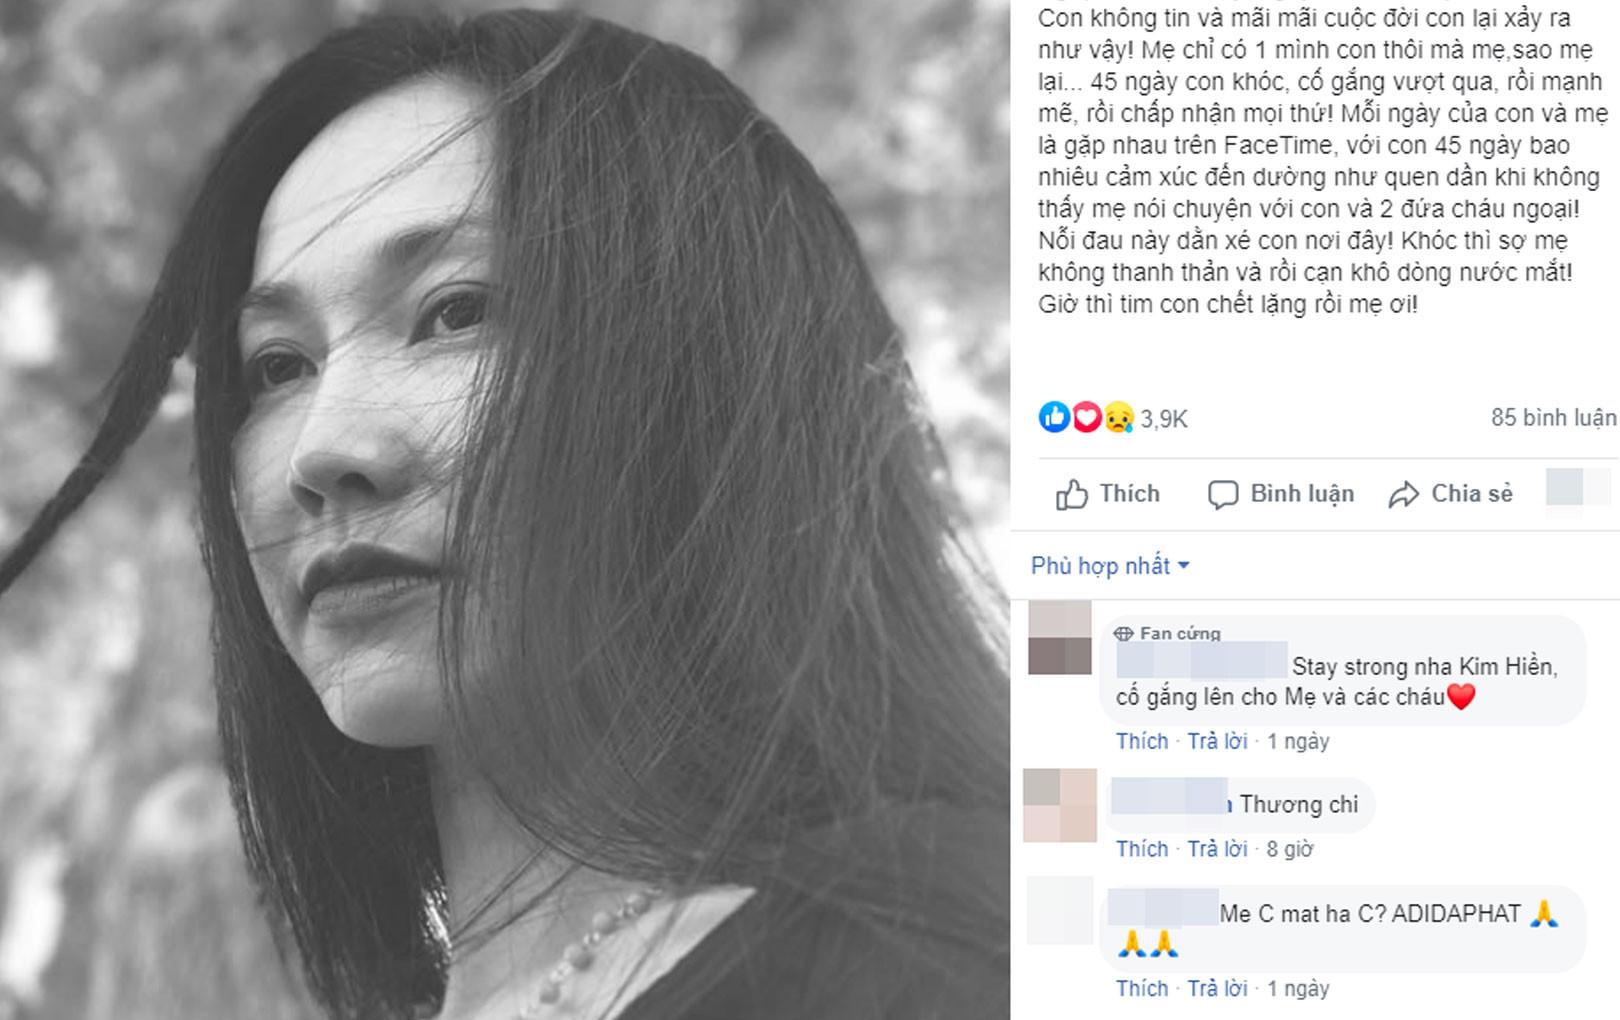 """Xót xa khi đọc lại """"nhật ký"""" của Kim Hiền trước khi mẹ qua đời, đếm từng ngày mong được gặp mẹ giờ đã không thể làm được nữa"""